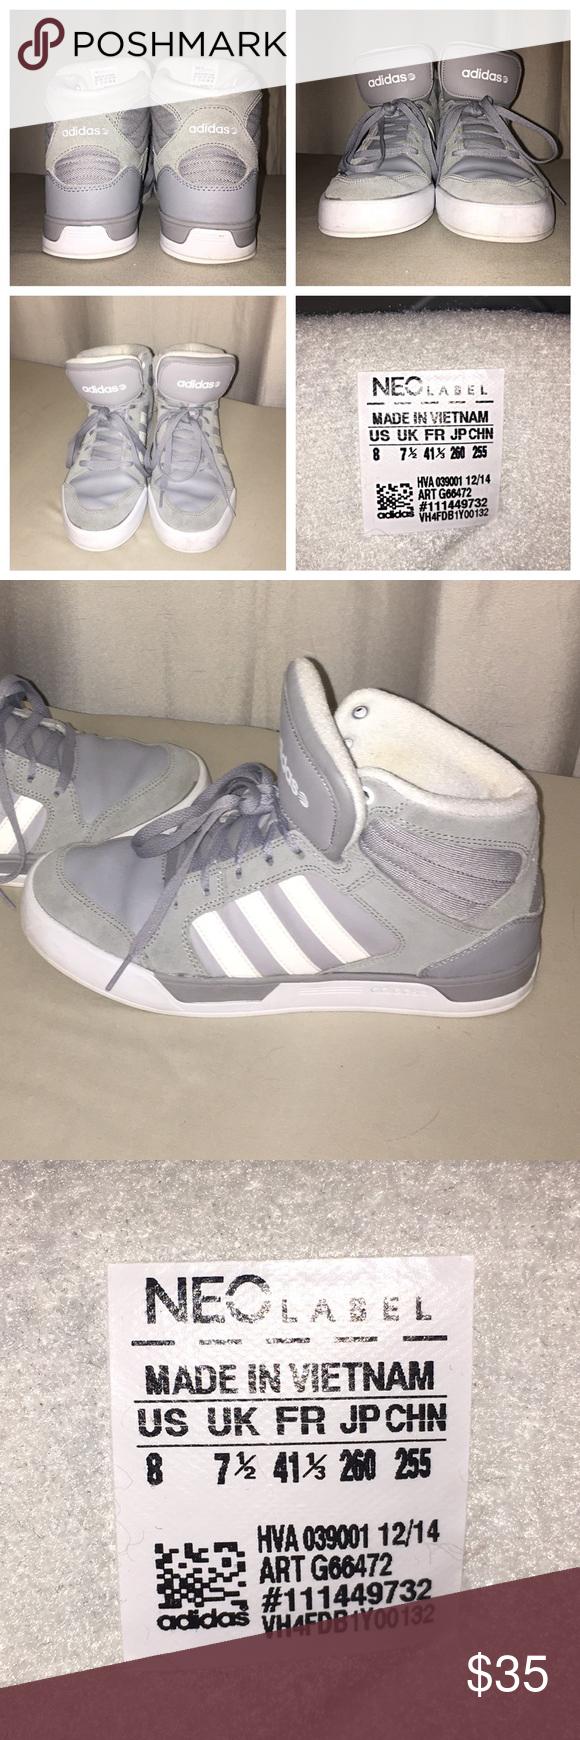 Adidas neo GRIS Suede hightops Adidas, Sole y Adidas zapatos